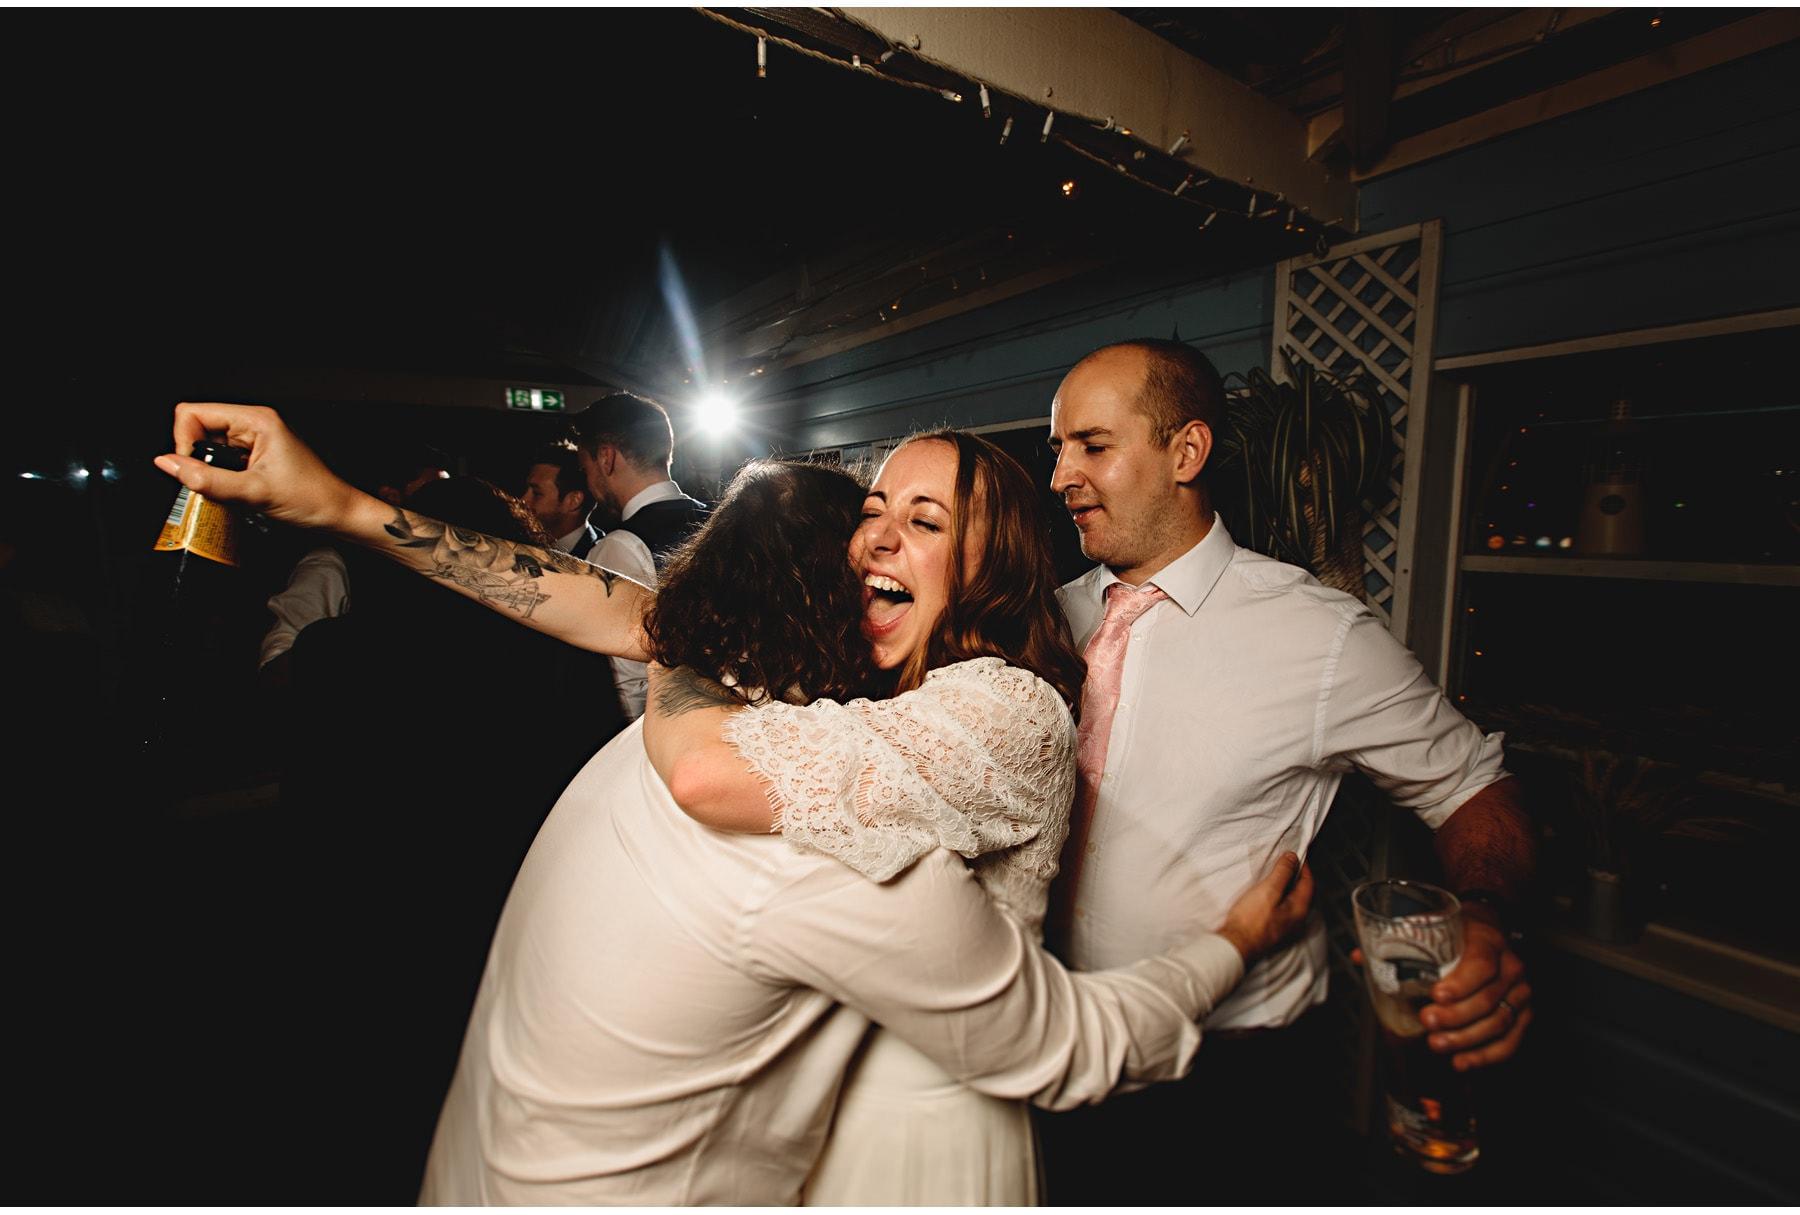 the bride hugging friends on the dancefloor